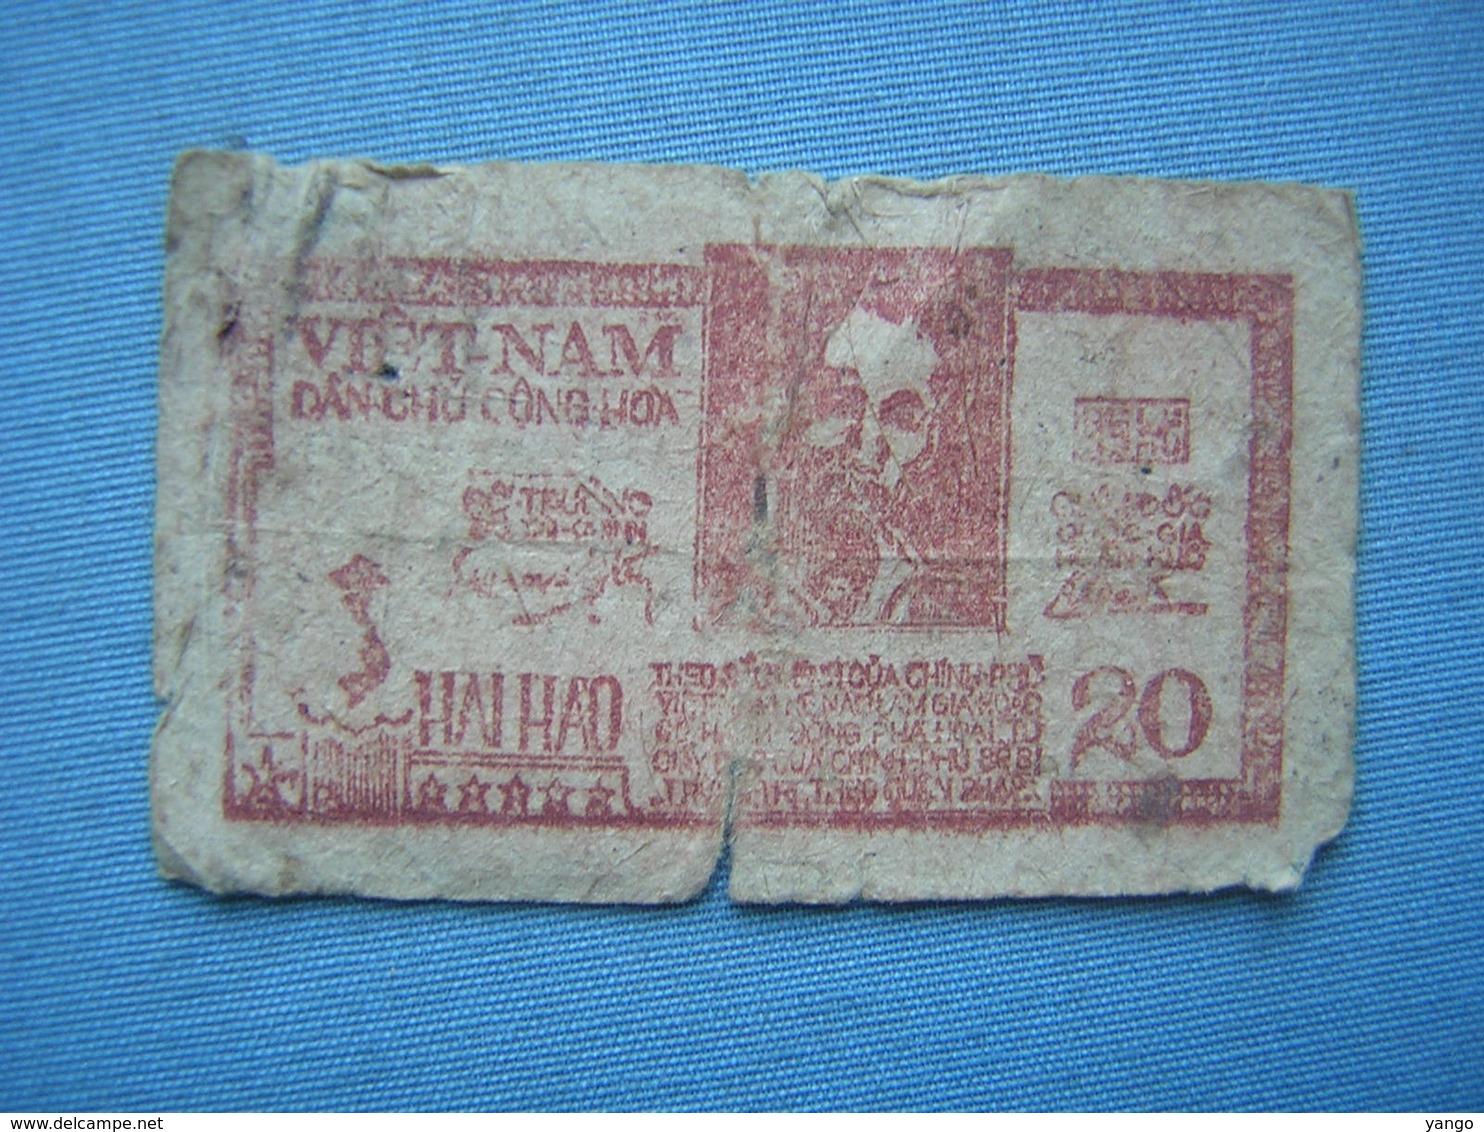 PETIT BILLET VIETNAM - DAN CHU CONG HOA - 20 DONGS - Vietnam